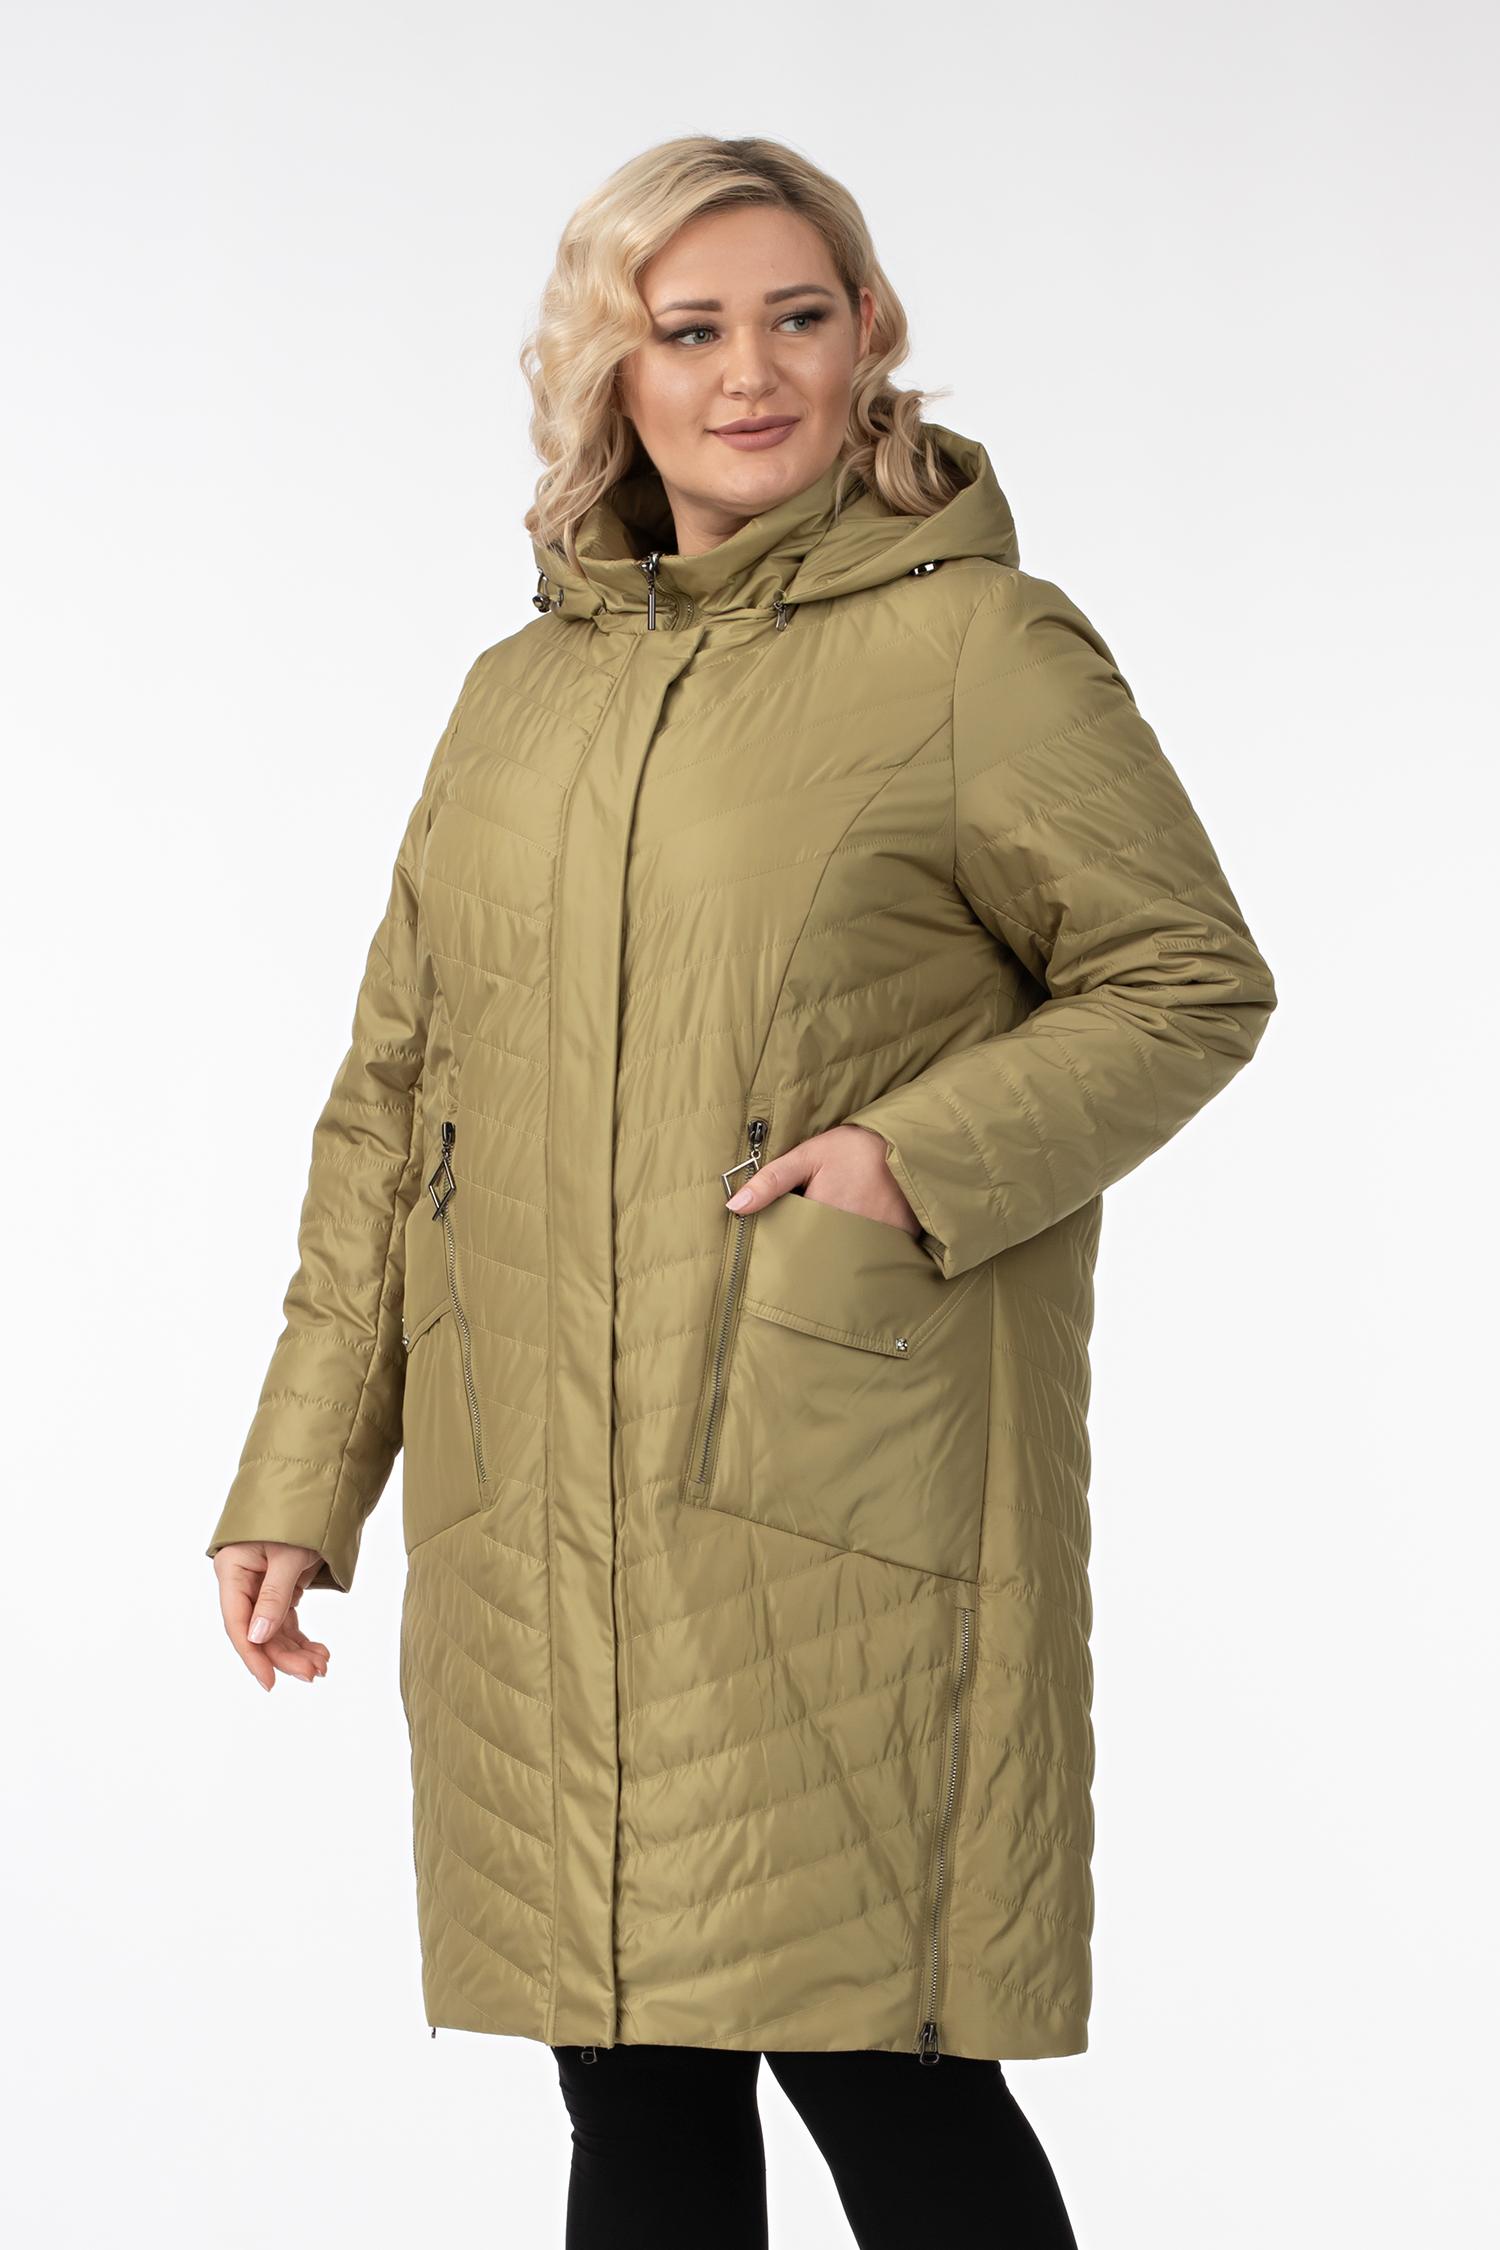 Женское пальто из текстиля с капюшоном, без отделки МОСМЕХА